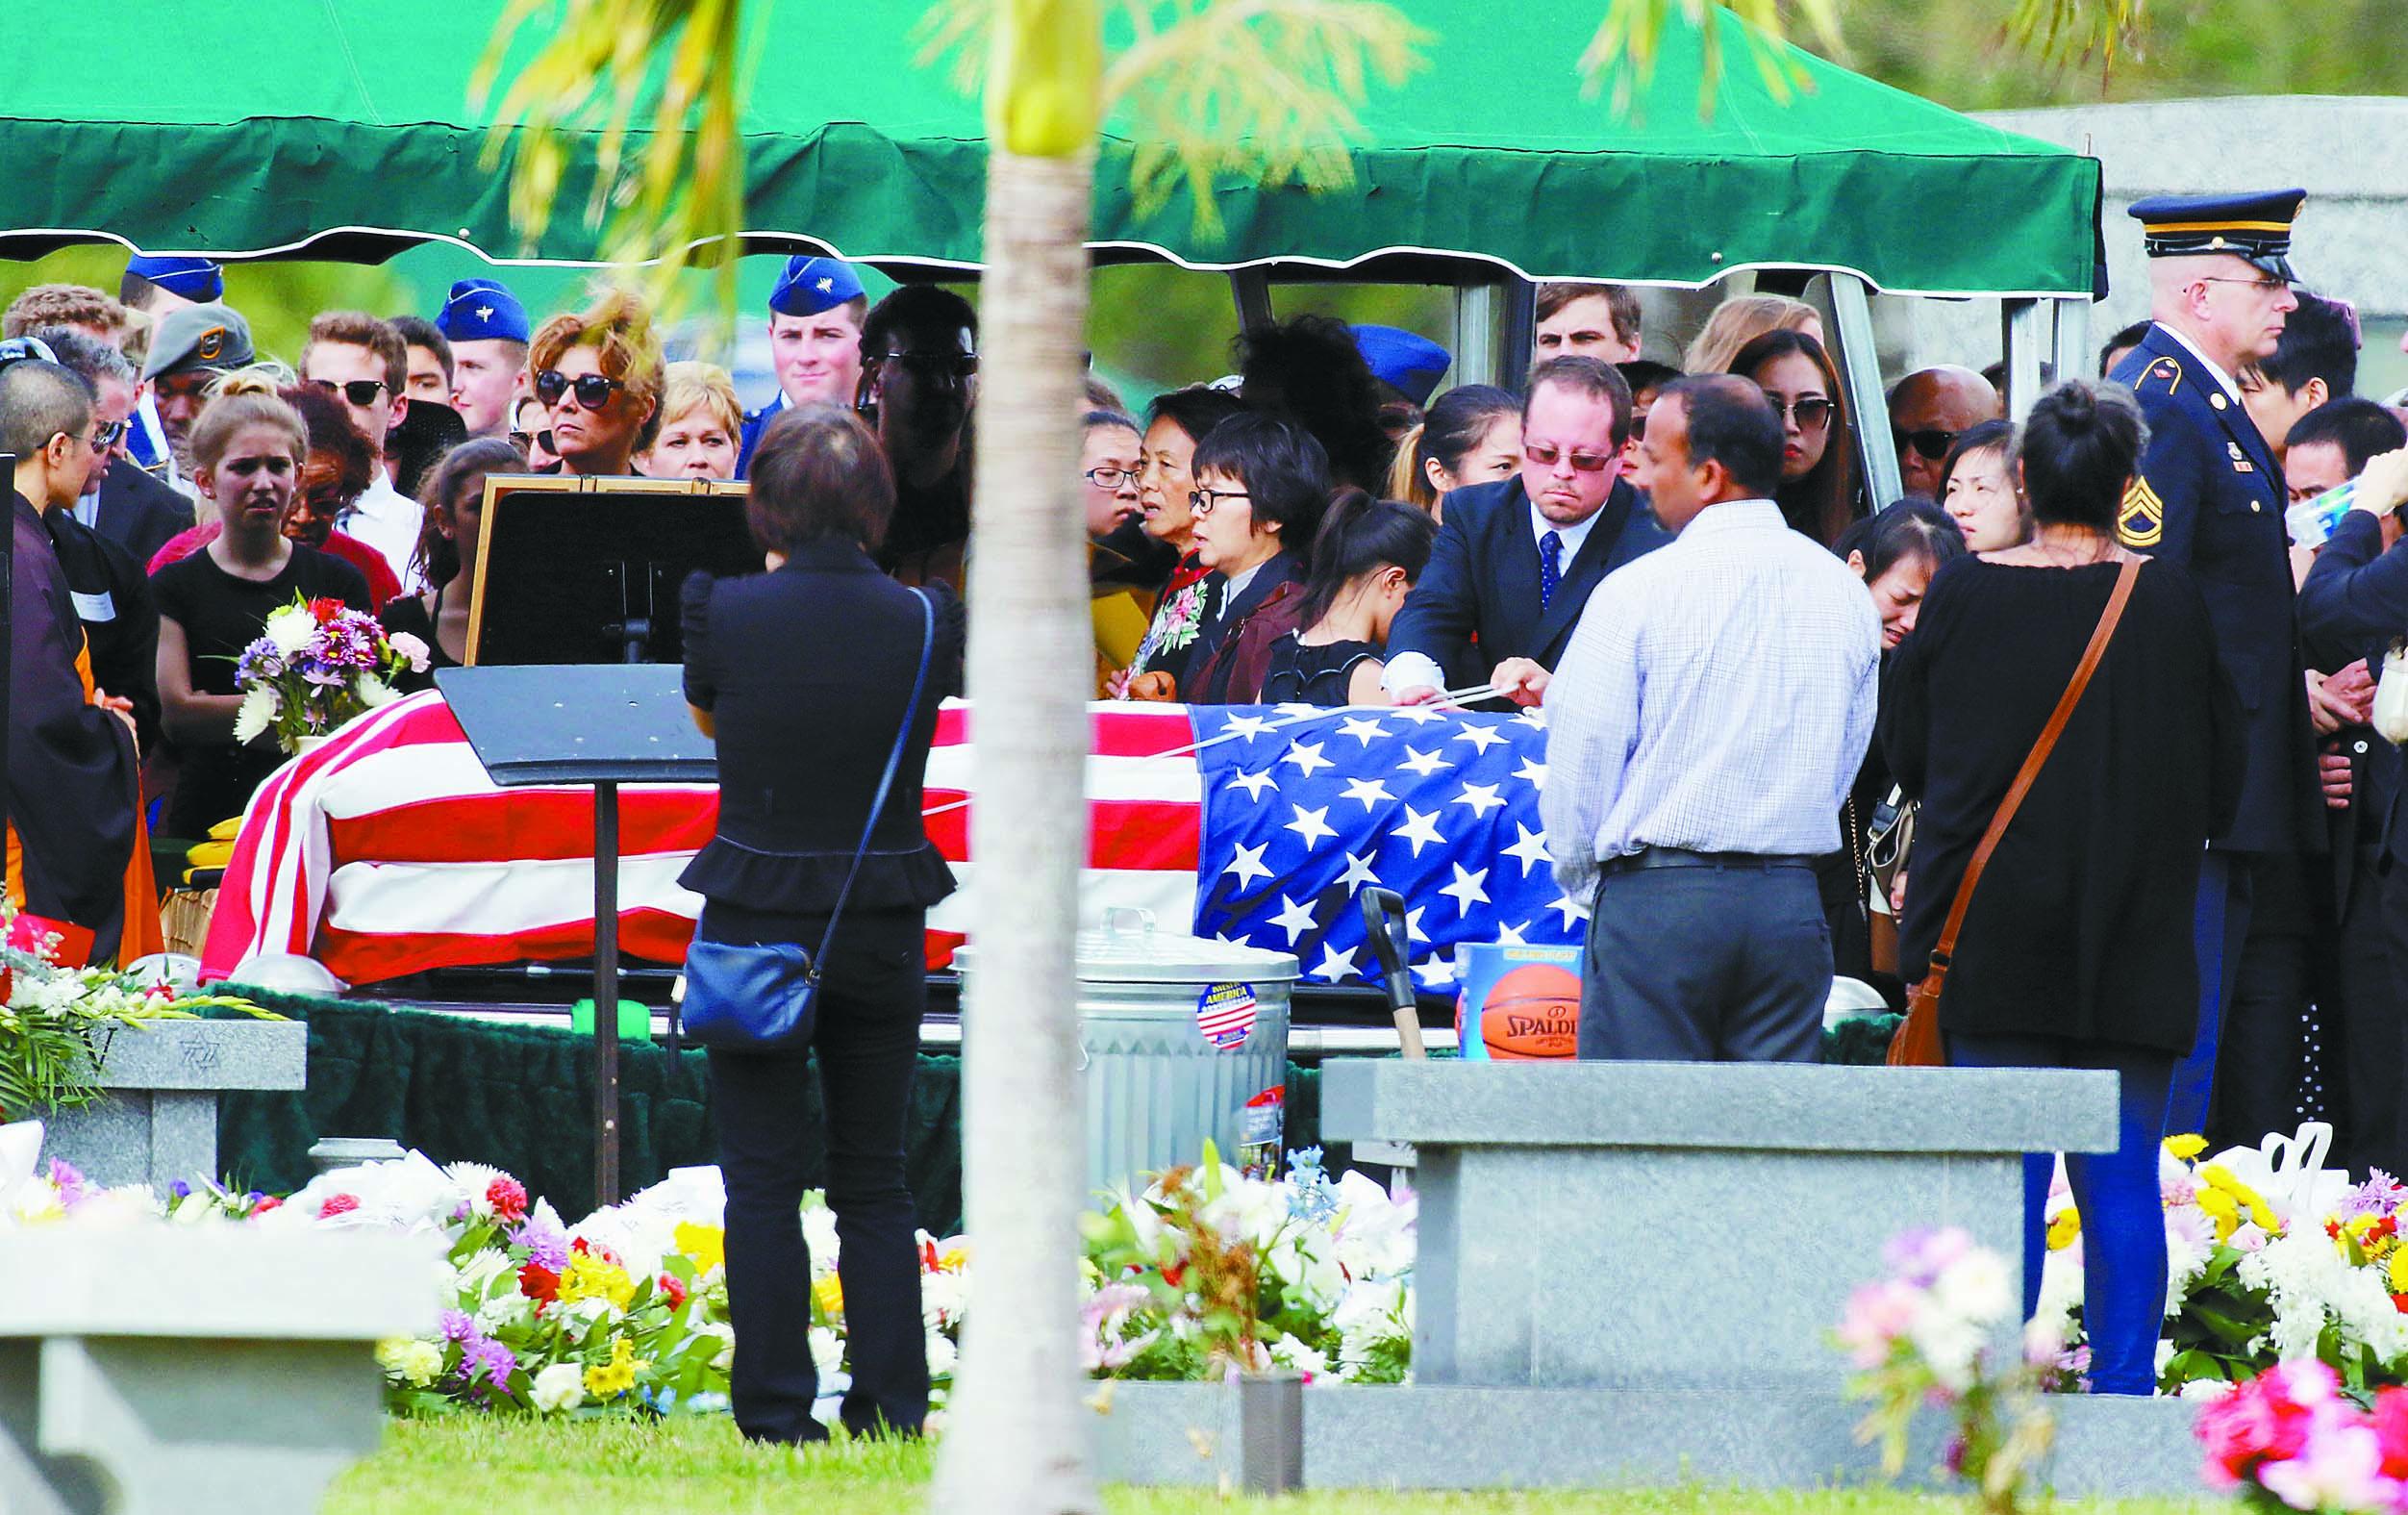 王孟杰的葬禮20日在佛州珊瑚泉市以軍禮形式舉行,棺槨上覆蓋著美國國旗。路透社